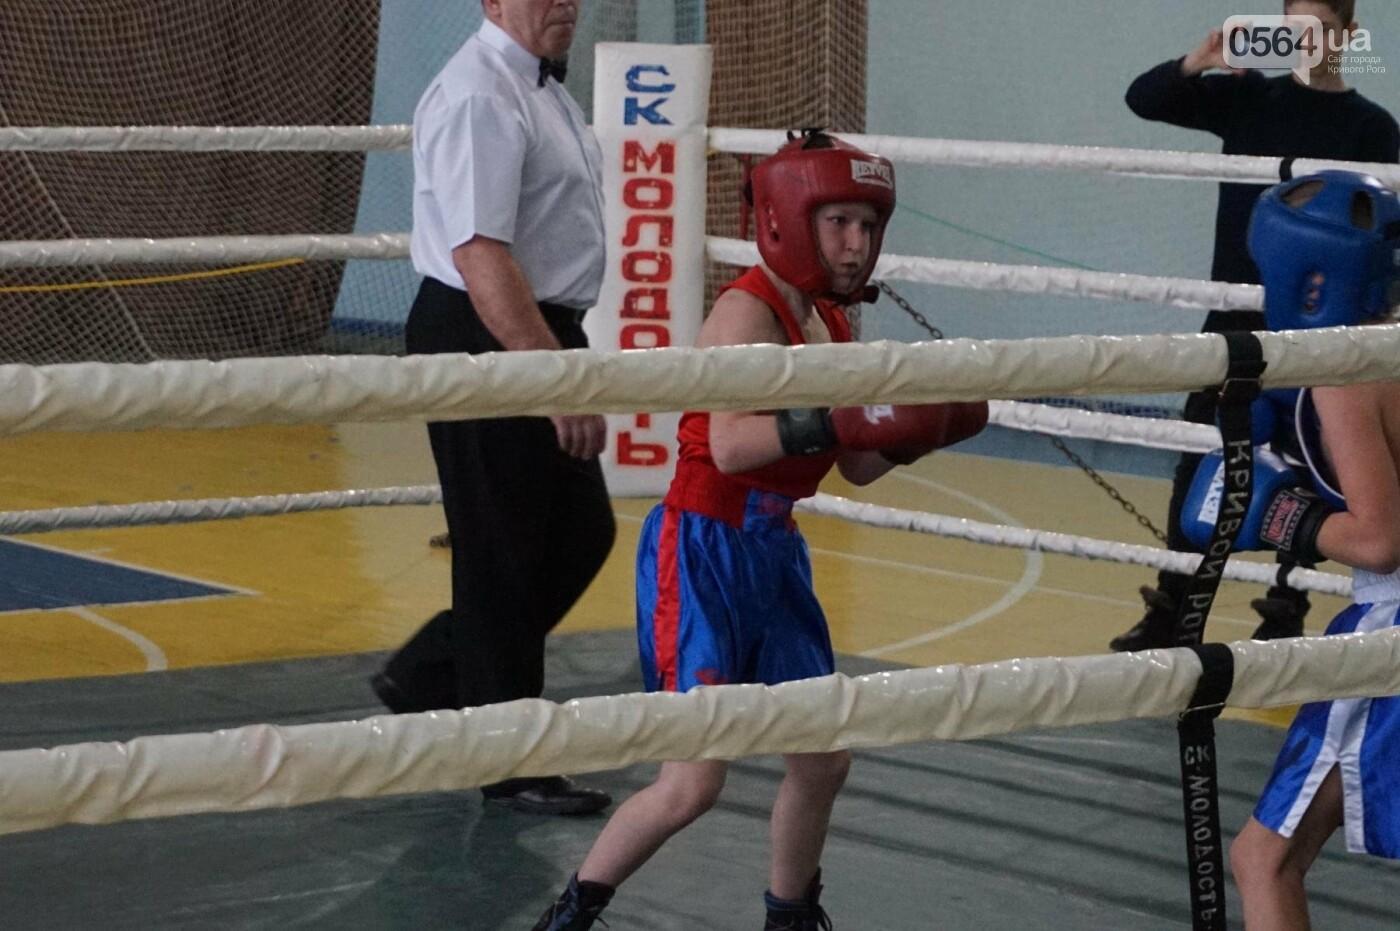 В Кривом Роге состоялся Международный турнир по боксу (ФОТО, ВИДЕО), фото-37